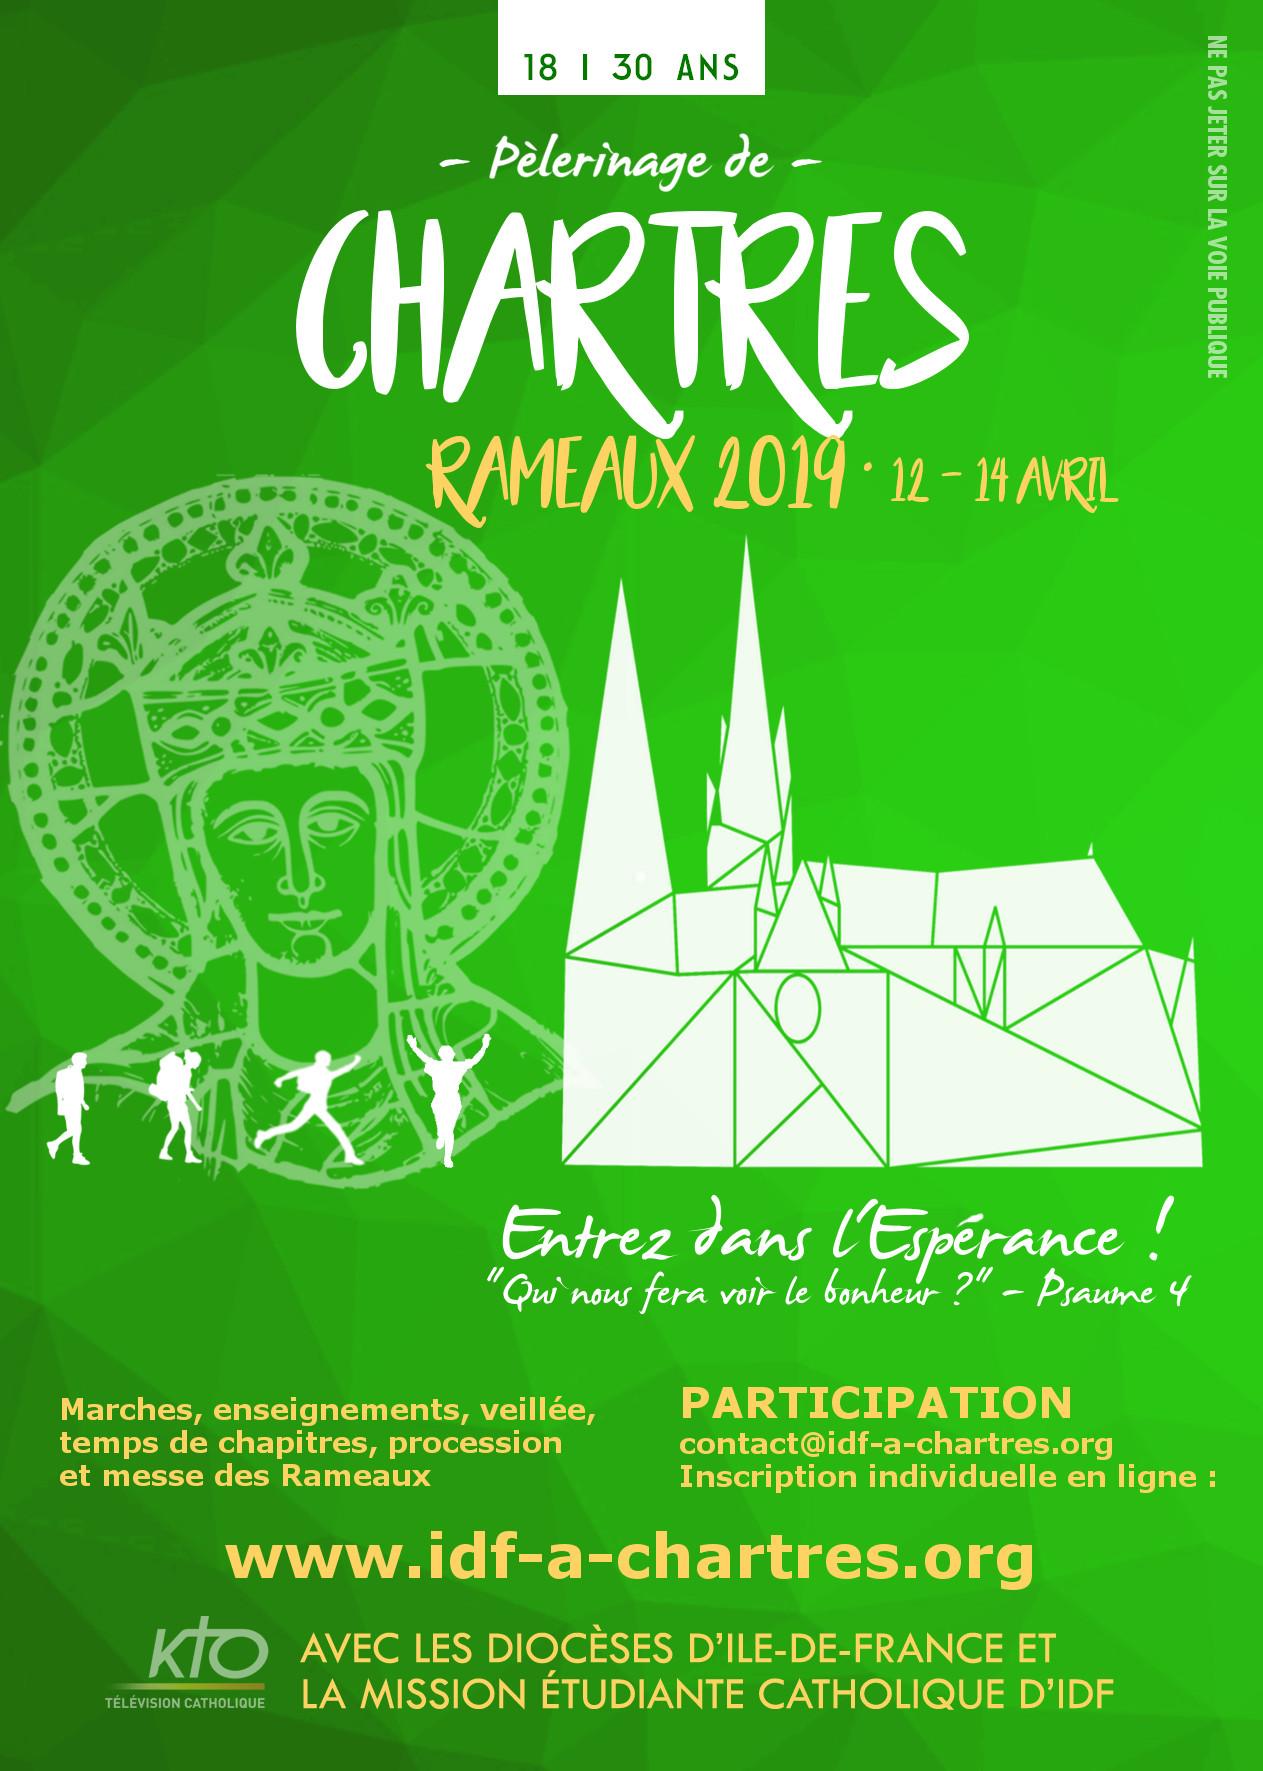 Pèlerinage de Chartres (28) des jeunes d'Île-de-France 2019 – du 12 au 14 avril